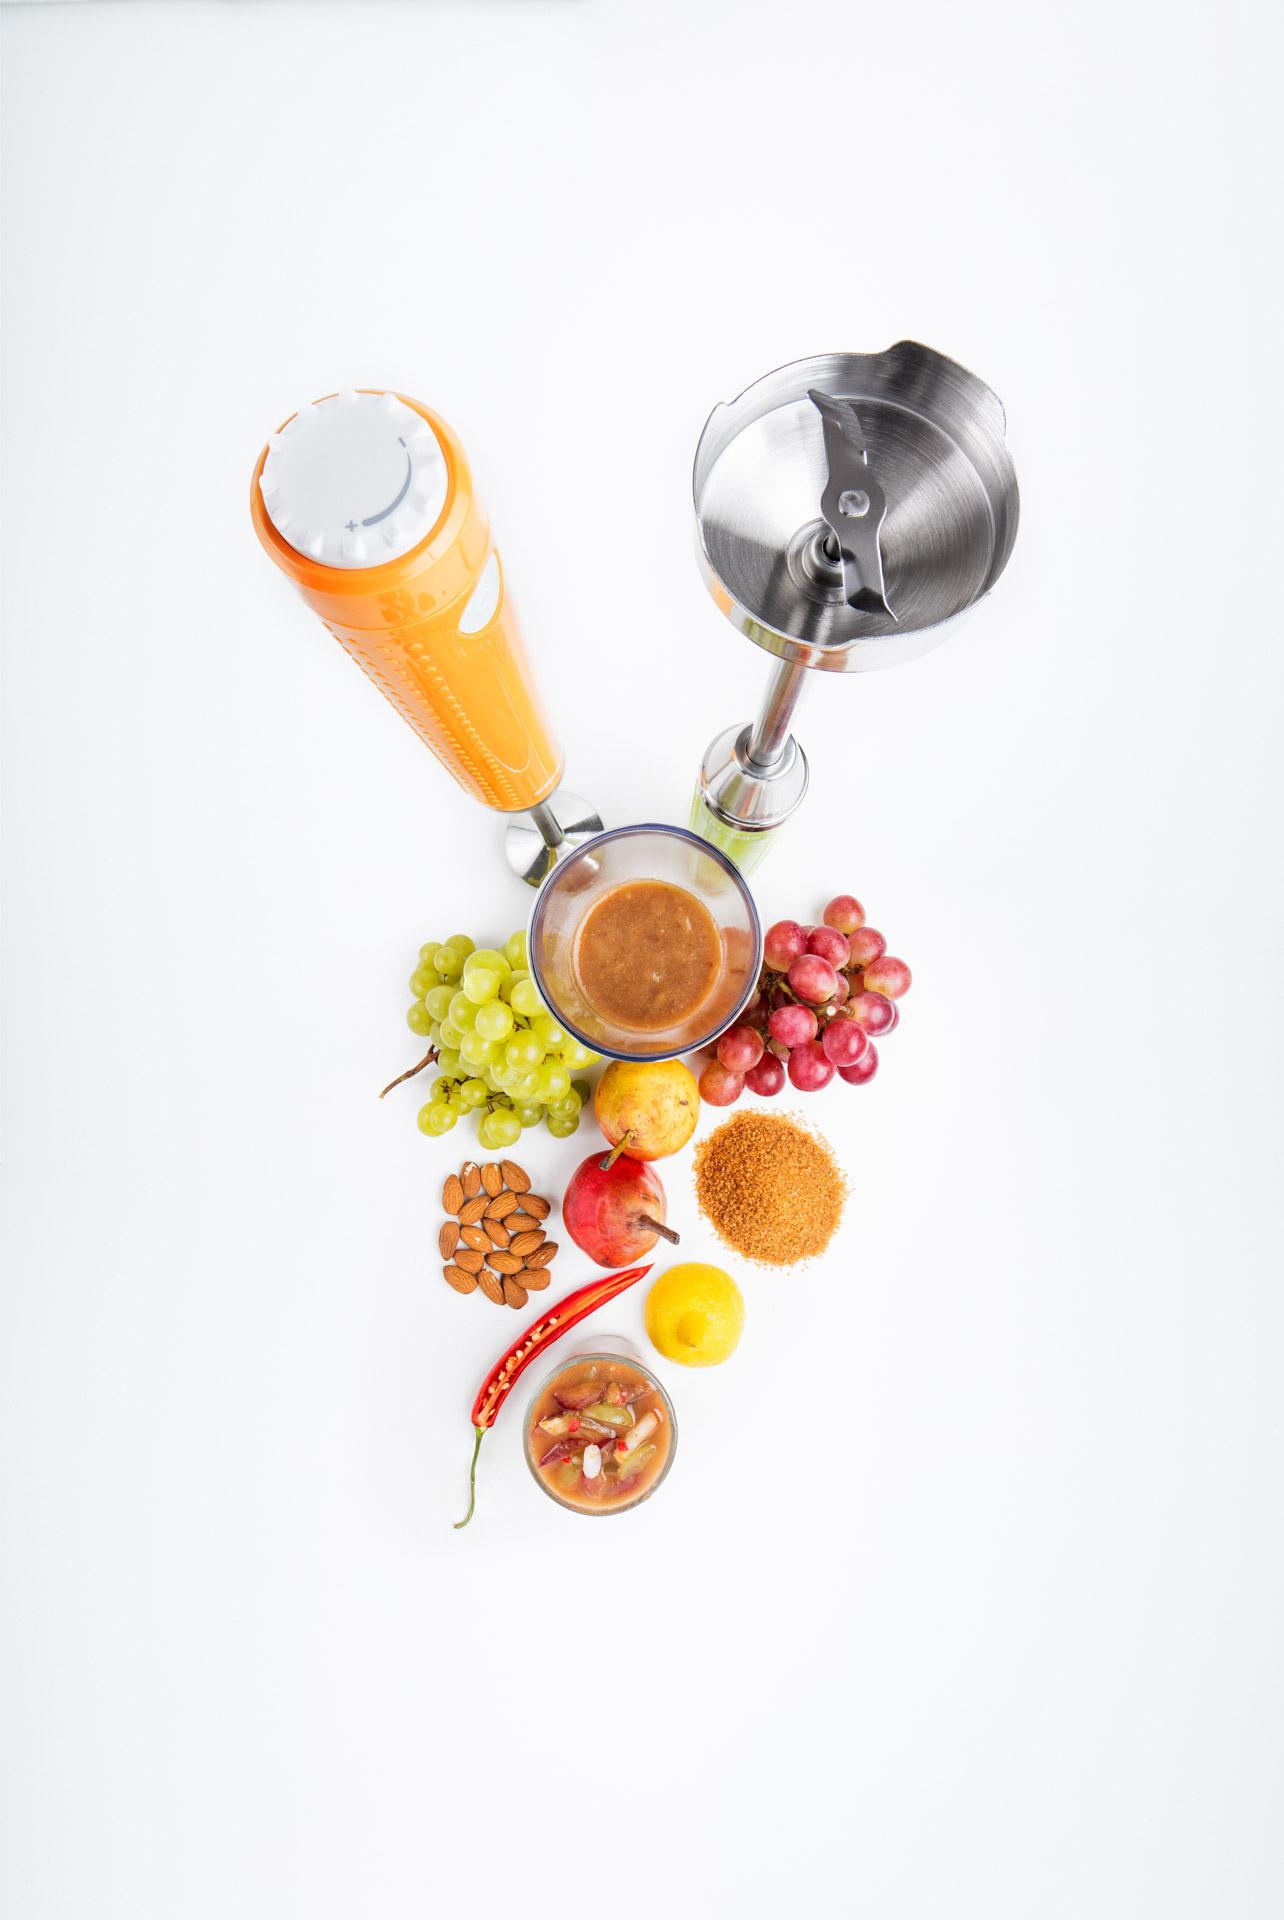 Sencor Blender with ingredients for grape chutney